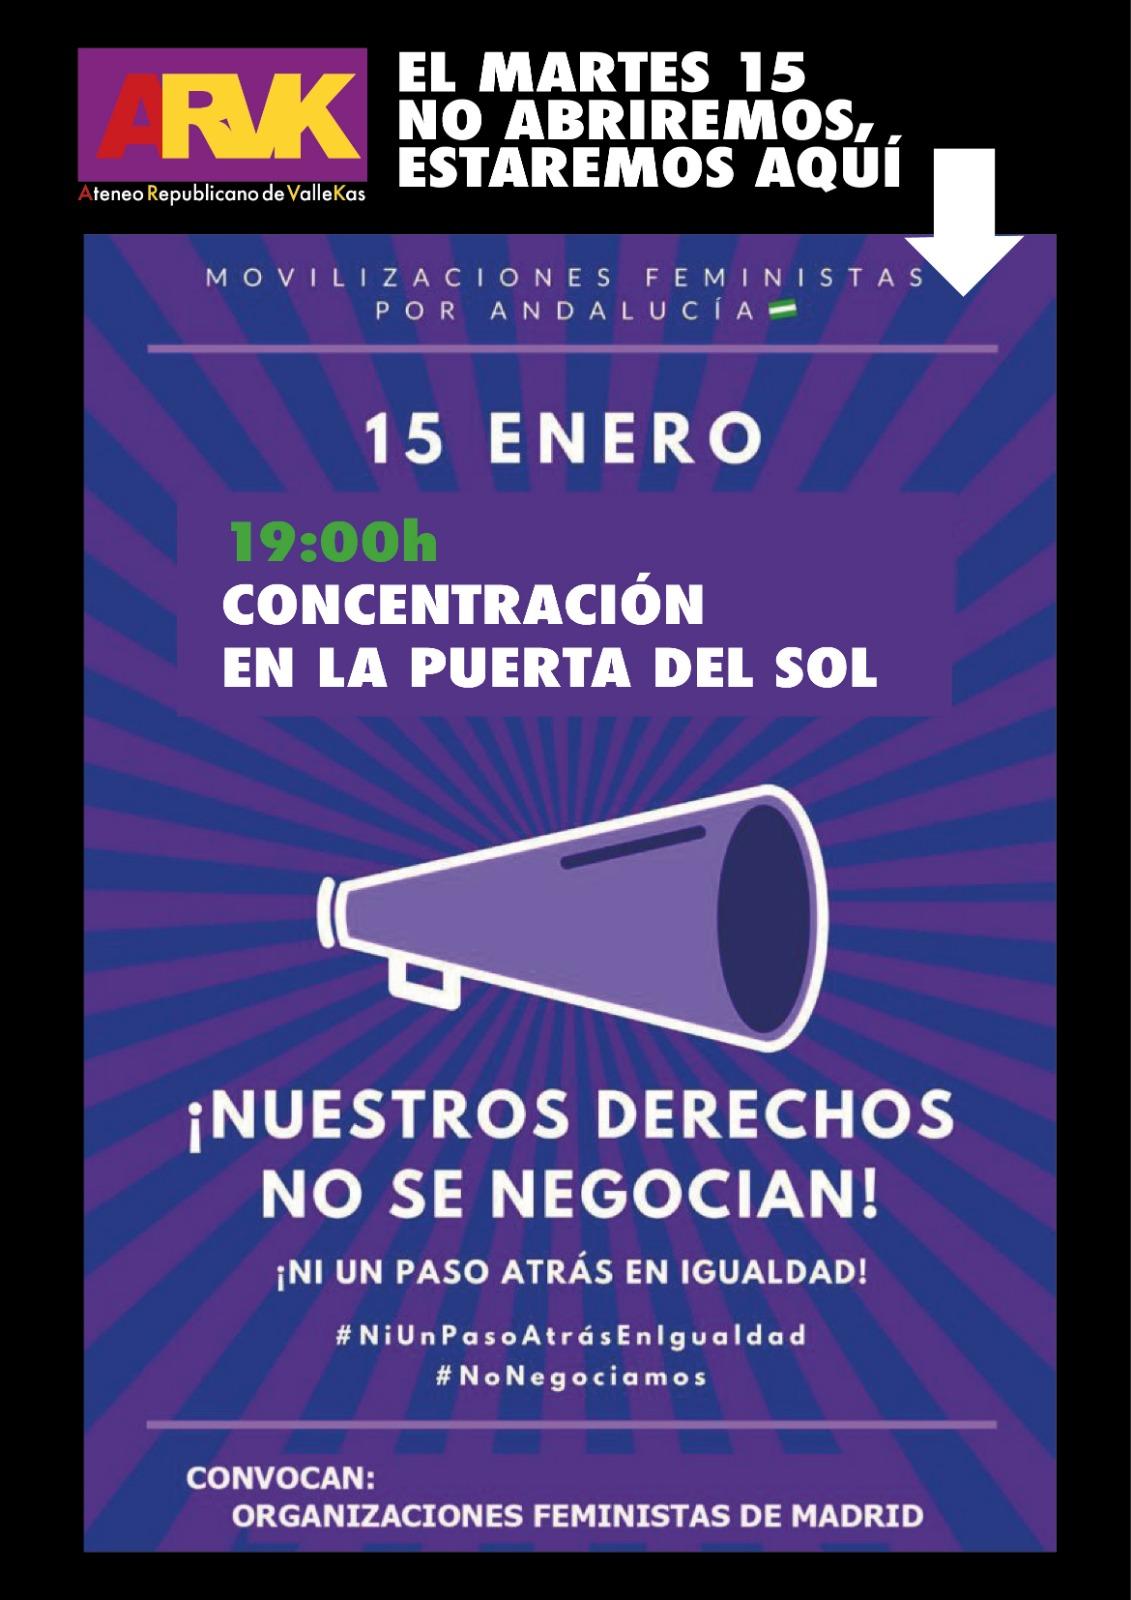 Movilizaciones feministas por Andalucía